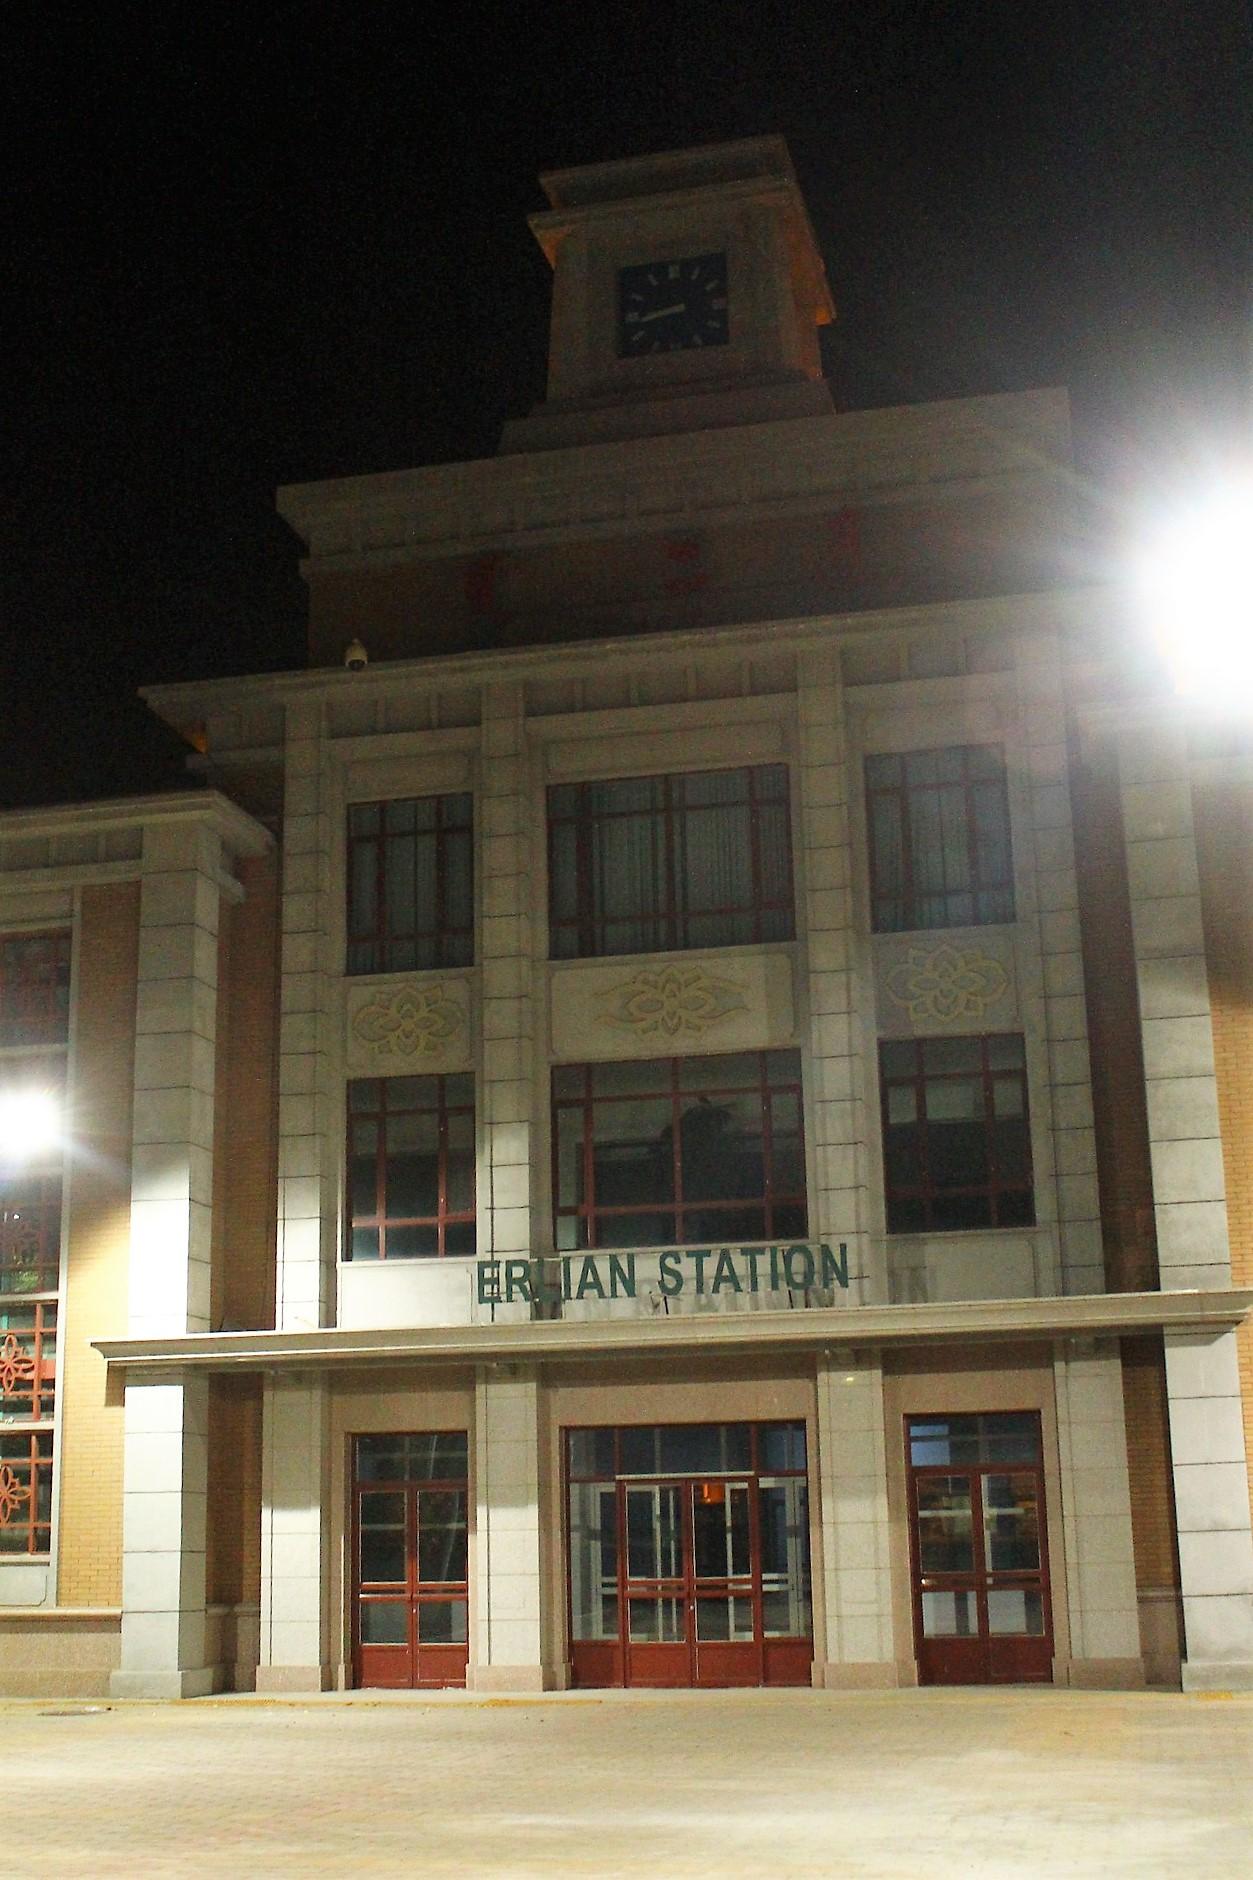 er lian railway station trans siberian